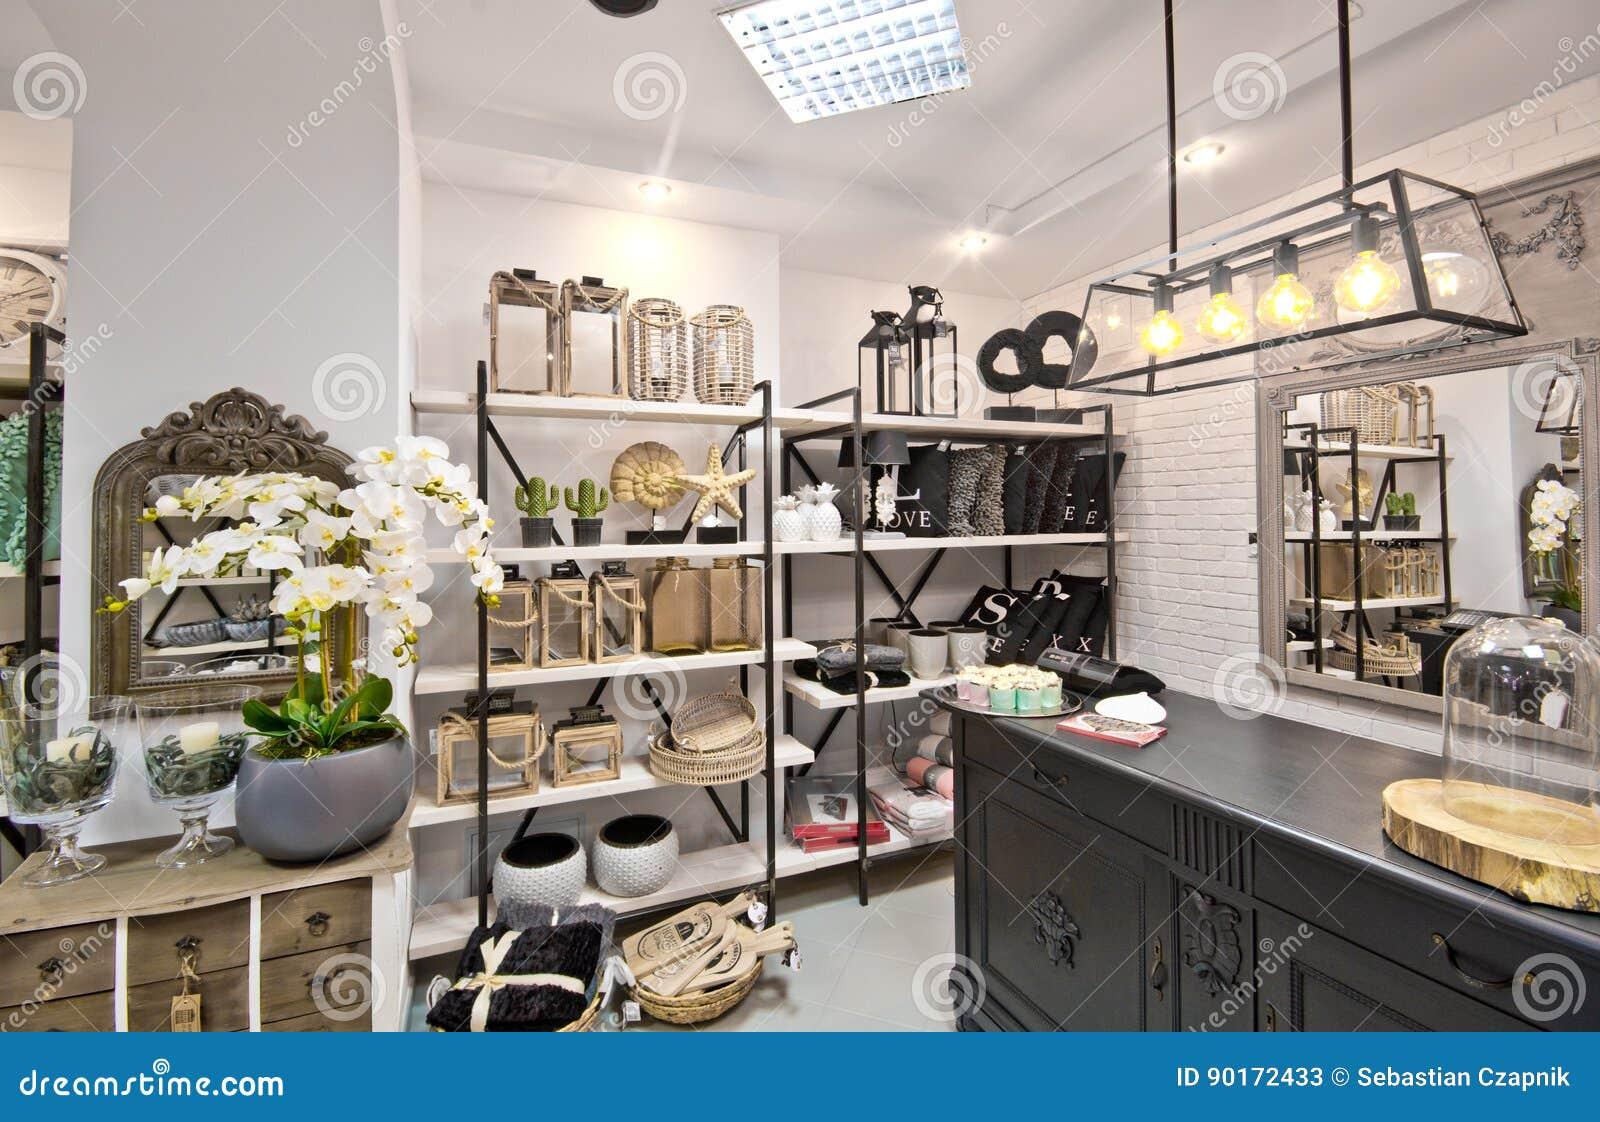 Домашний интерьер магазина украшений Стоковое Изображение ... ac46330b938